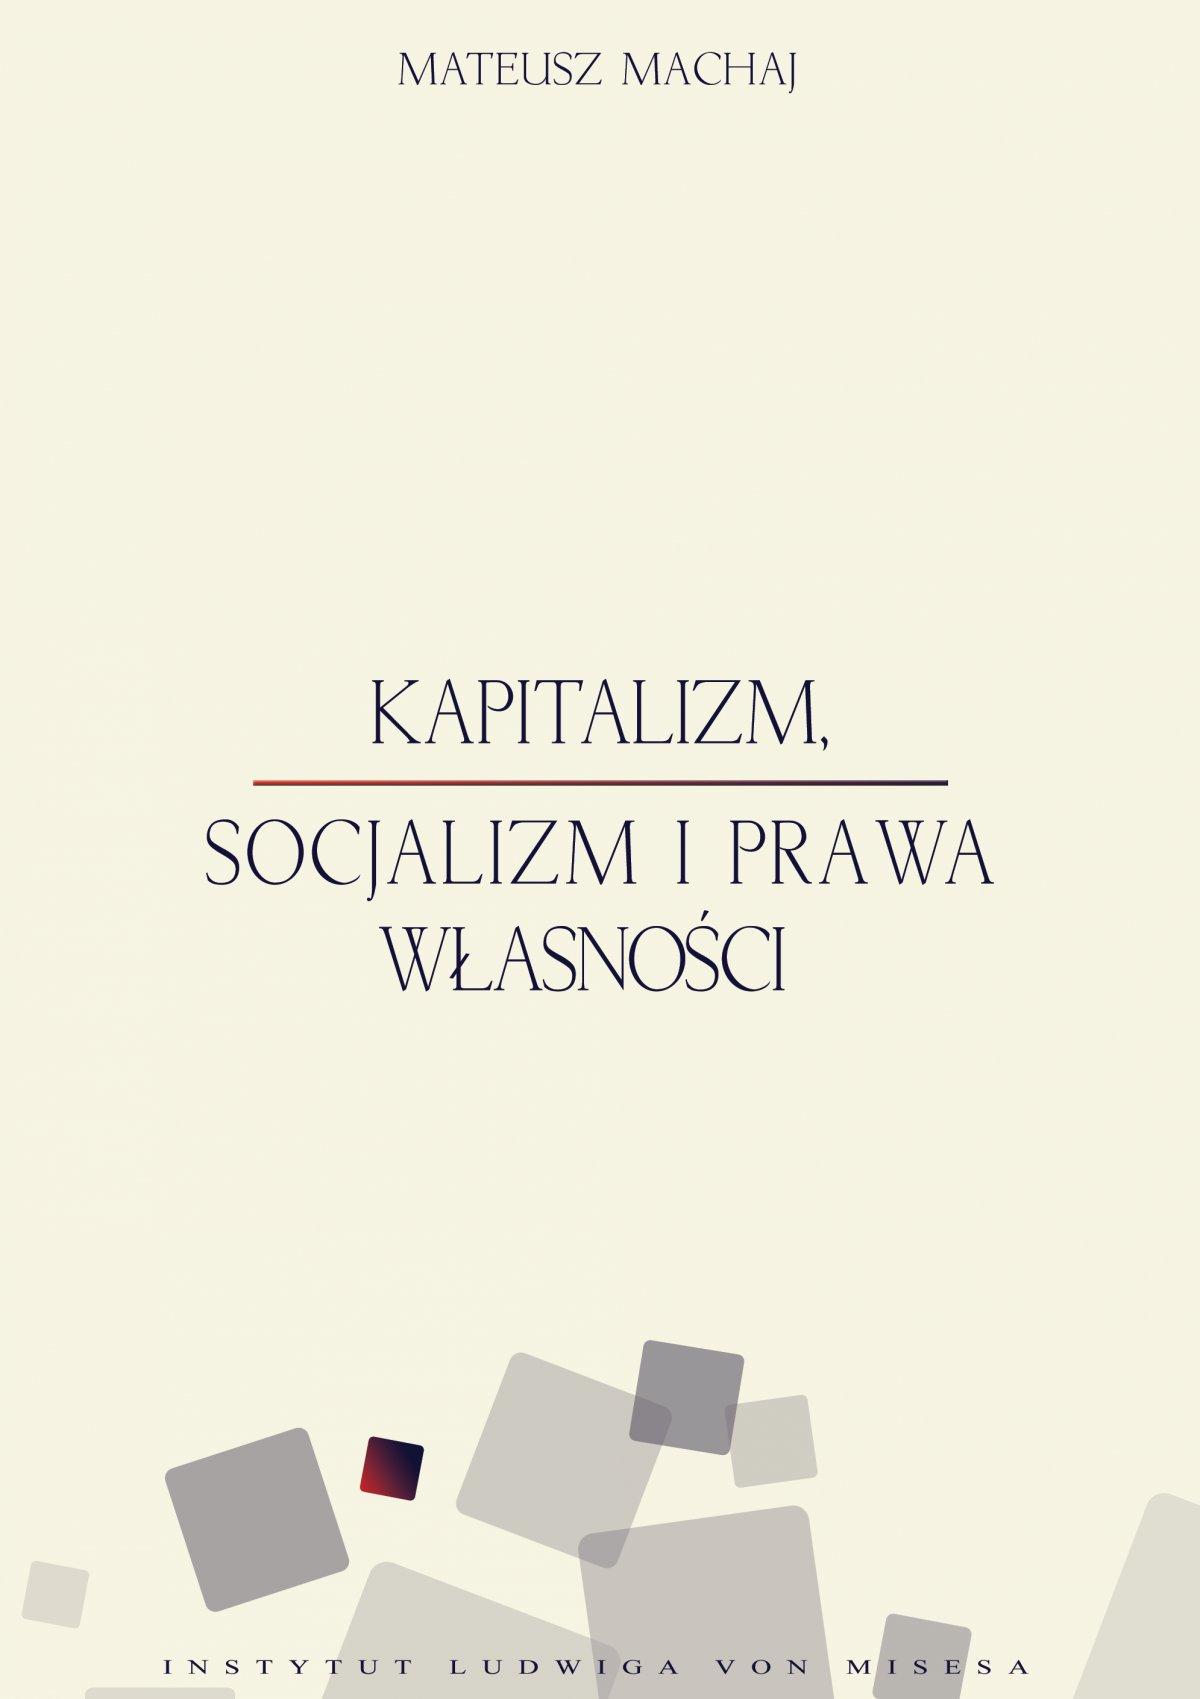 Kapitalizm, socjalizm i prawa własności - Ebook (Książka PDF) do pobrania w formacie PDF